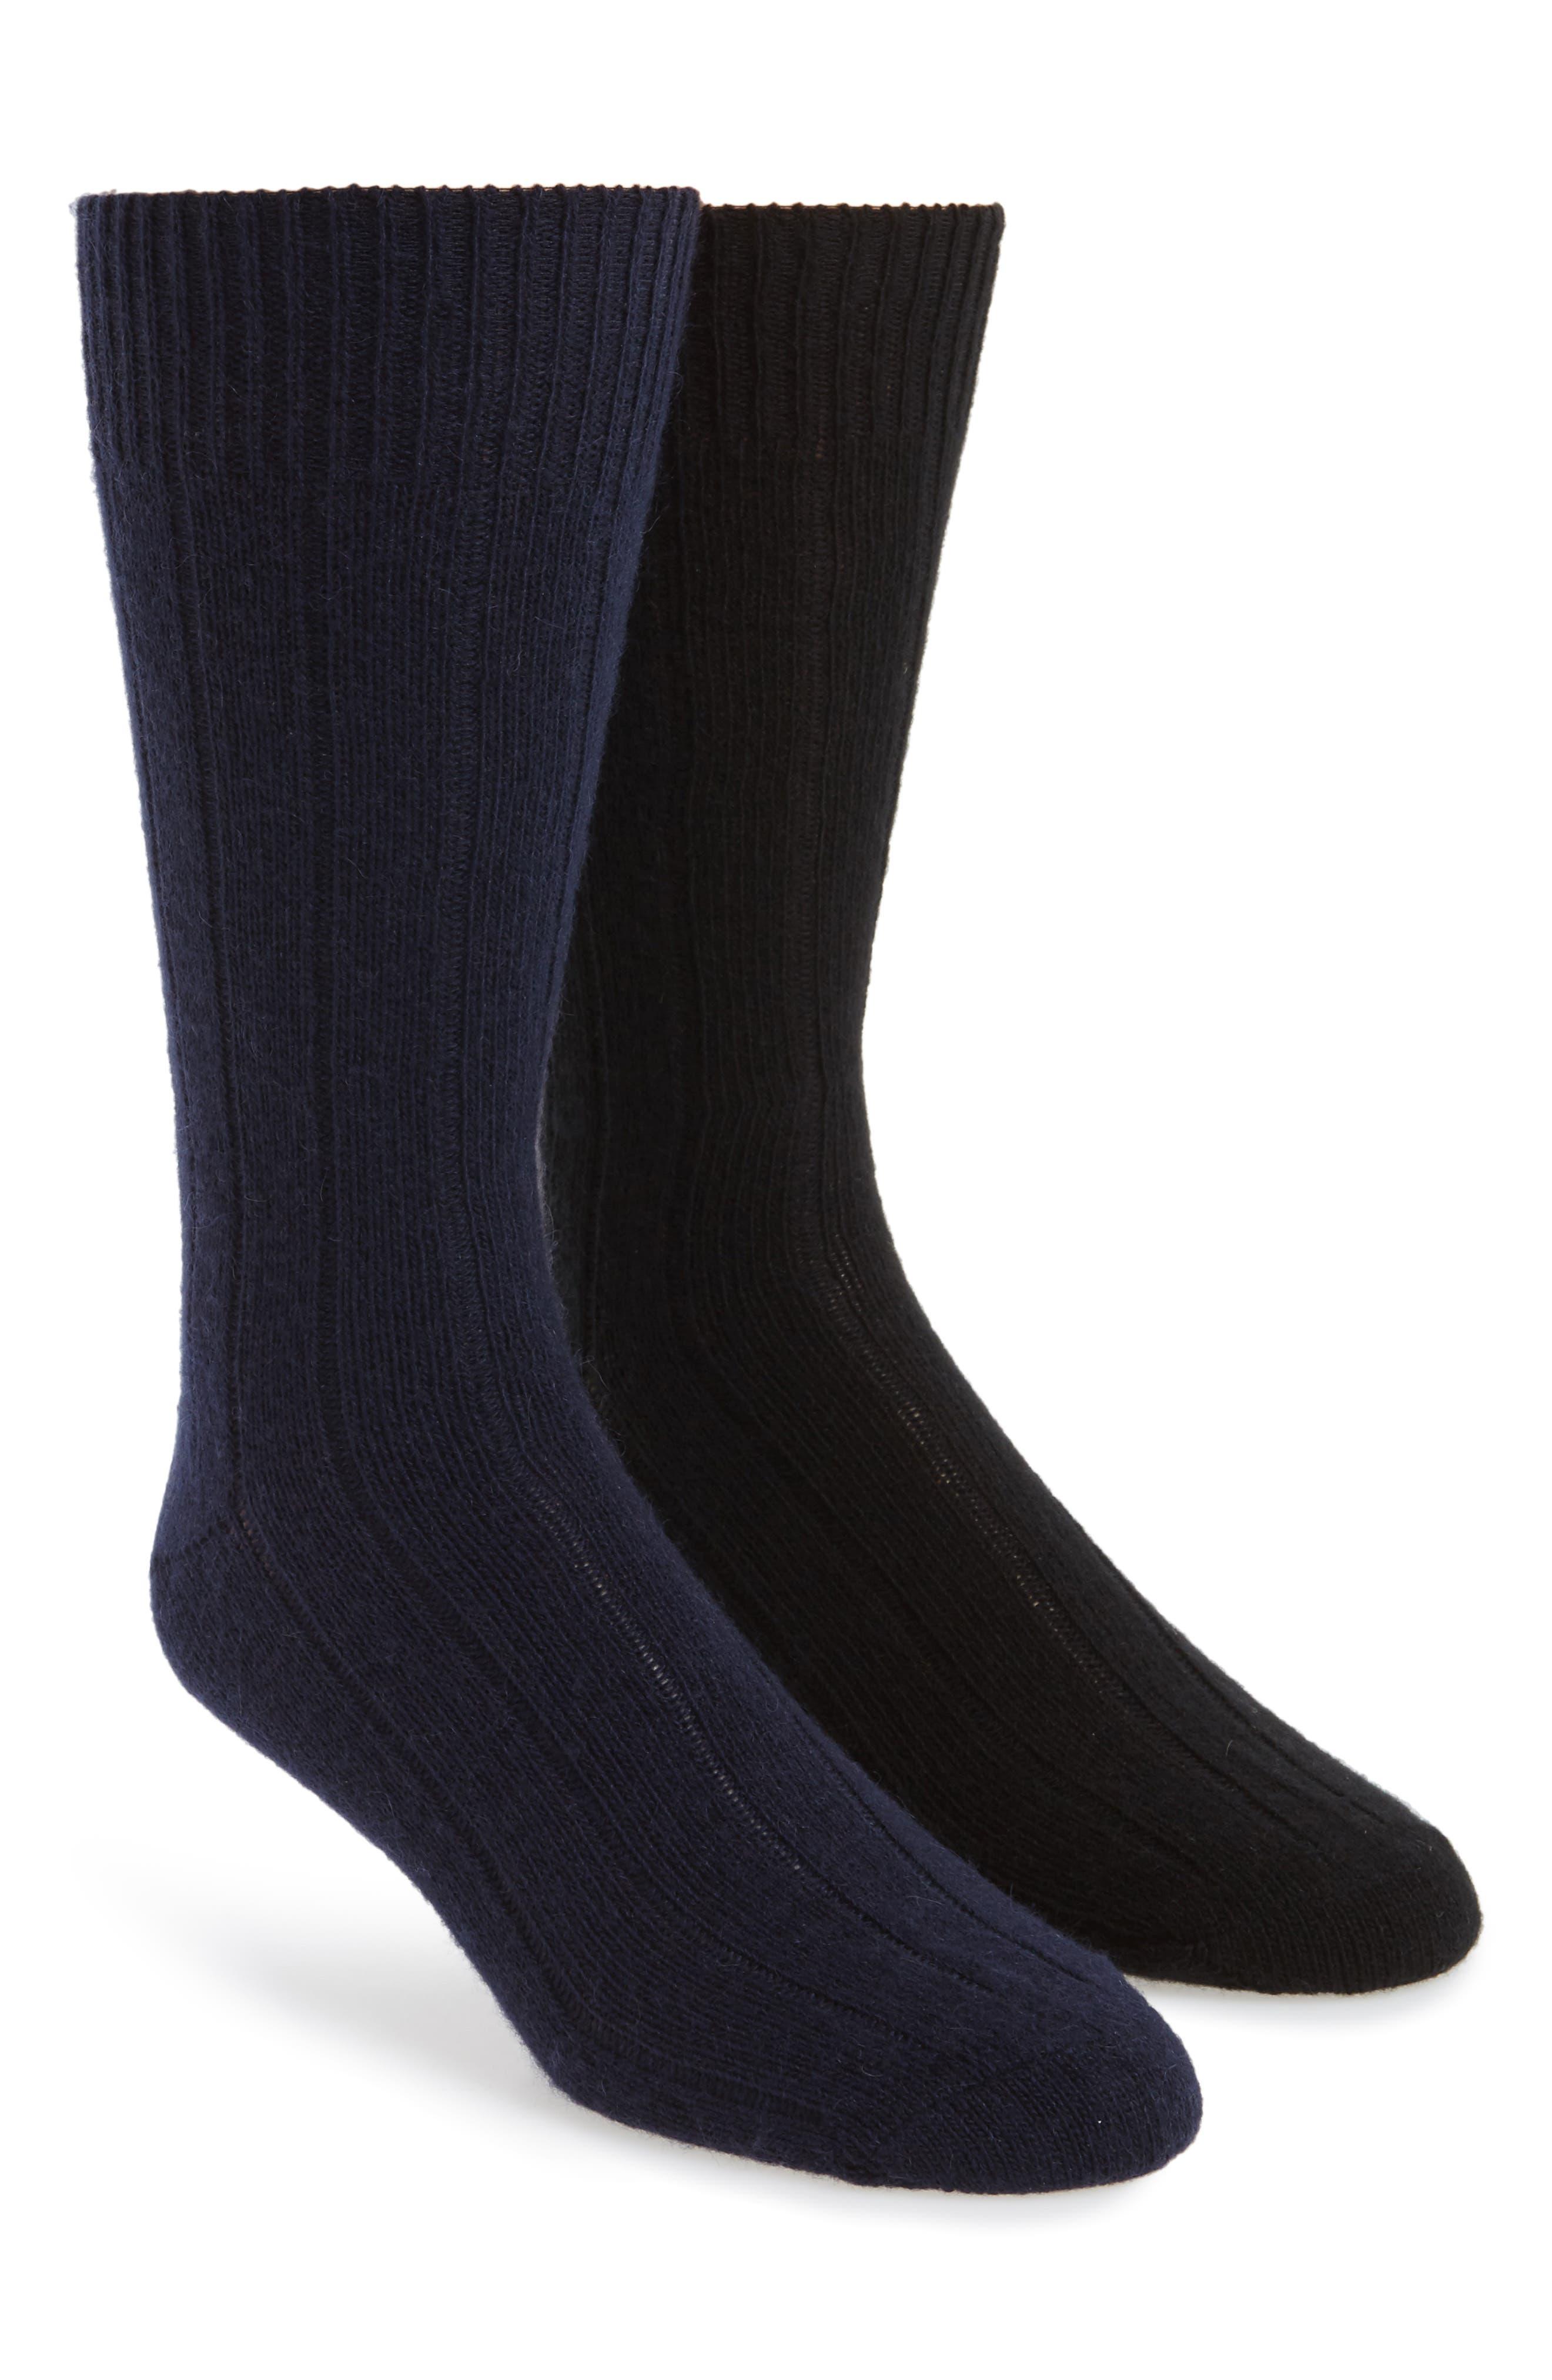 2-Pack Cashmere Blend Socks Box Set,                             Main thumbnail 1, color,                             001